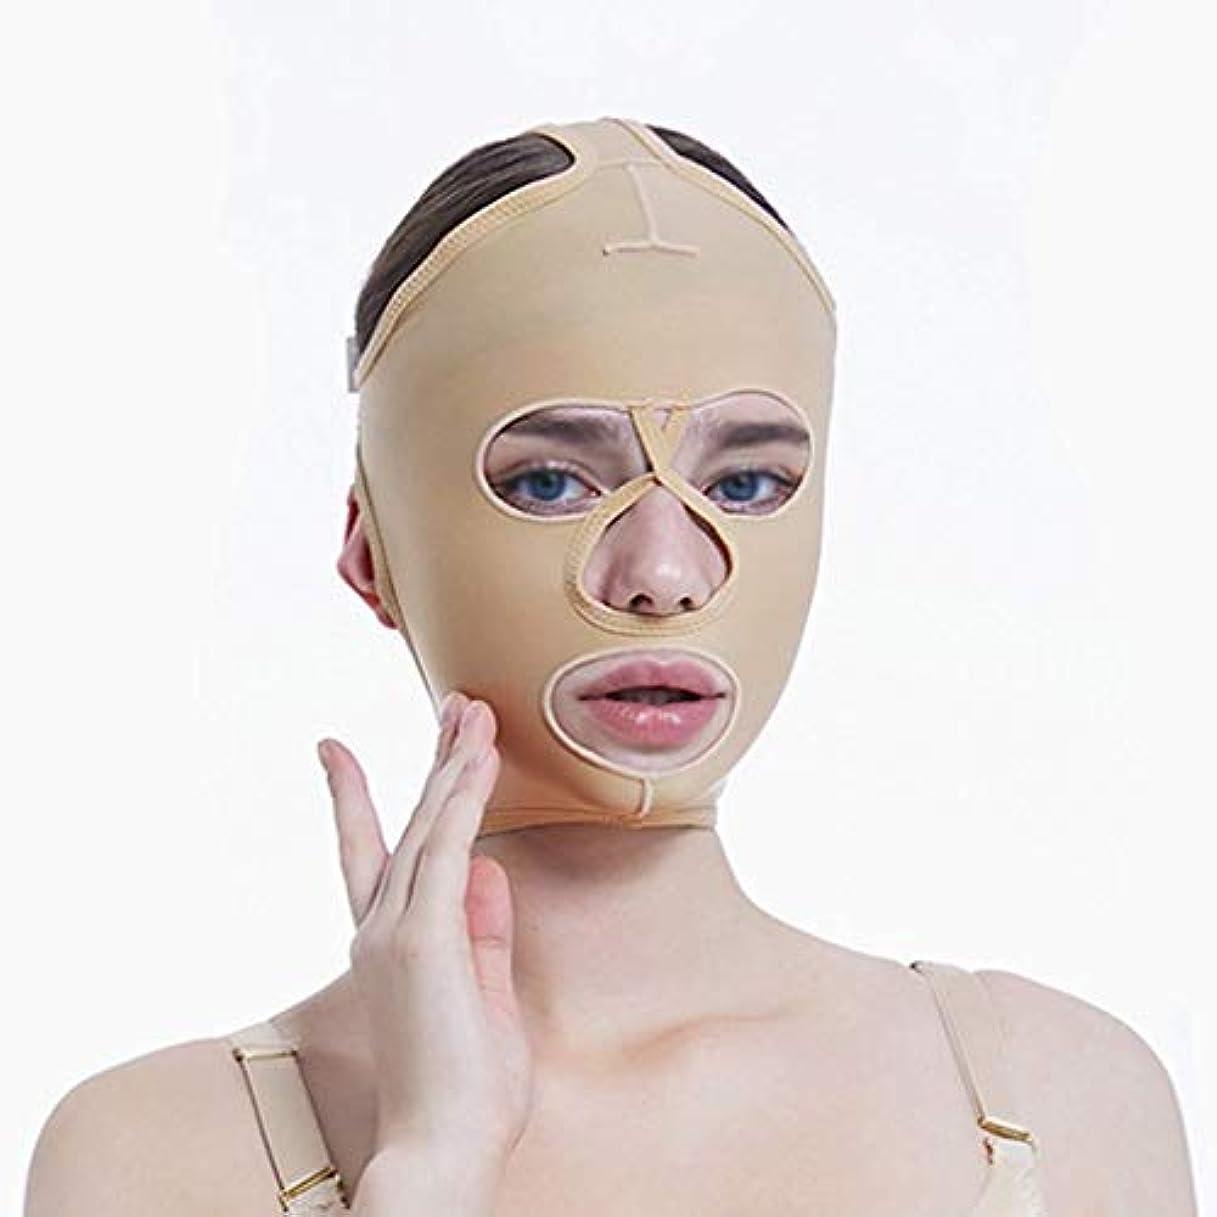 自分自身高音チンリフティングベルト、超薄型ベルト、引き締めマスク、包帯吊り、フェイスリフティングマスク、超薄型ベルト、通気性(サイズ:L),XL